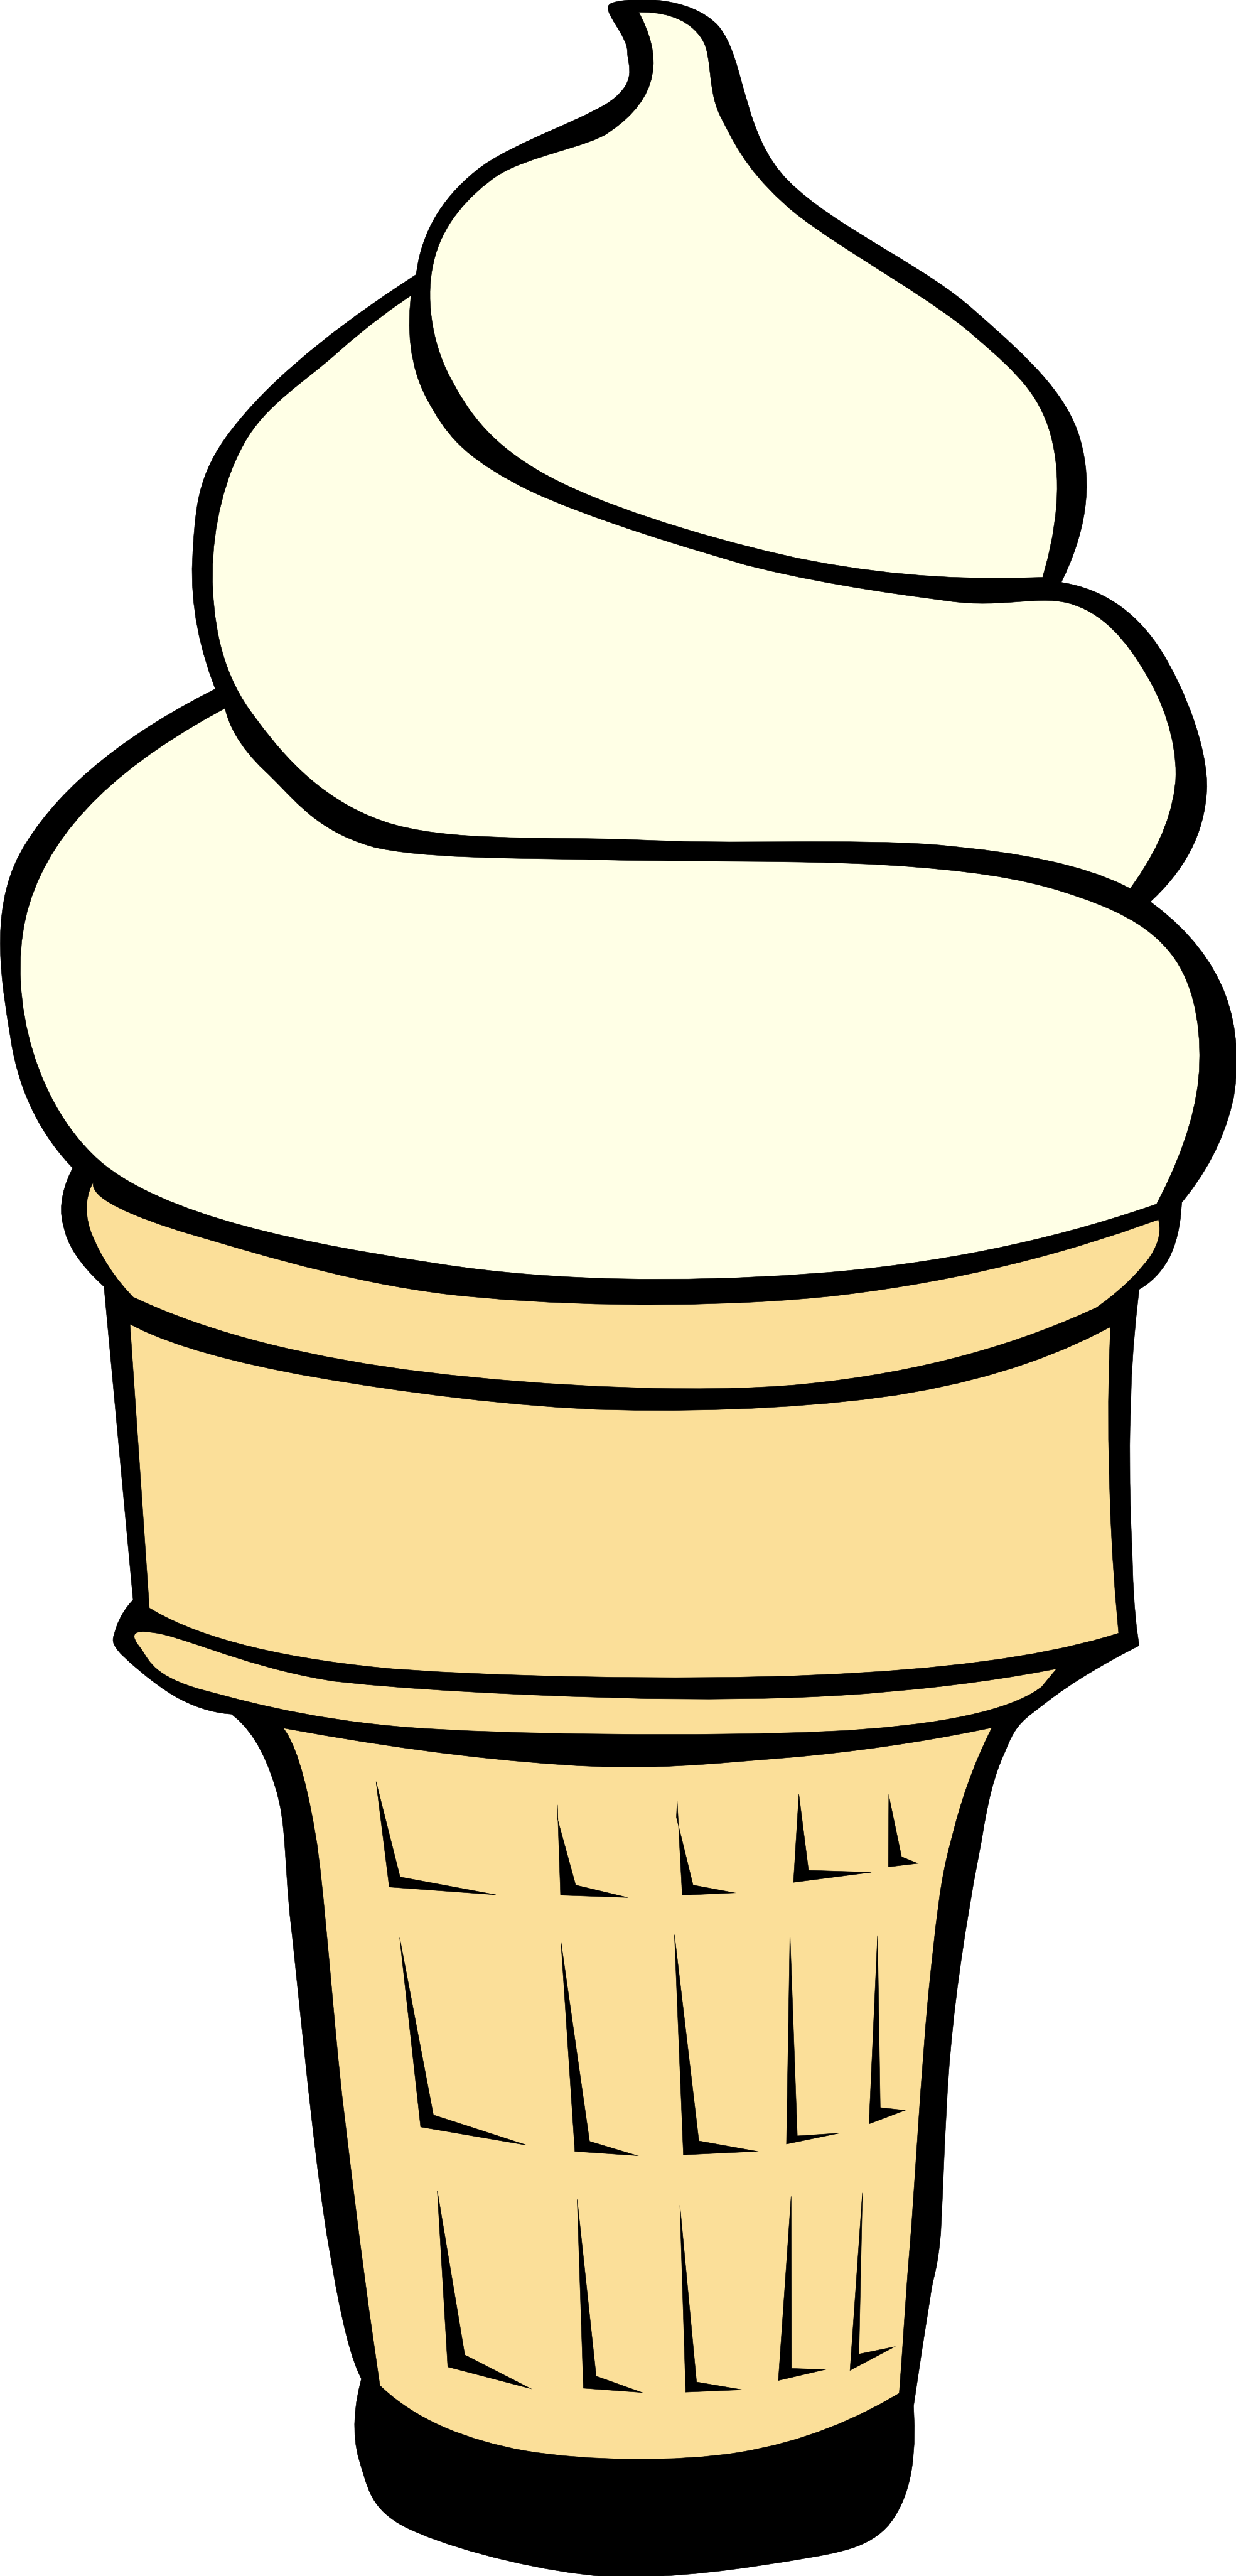 Ice cream cone clip art free clipart images 2